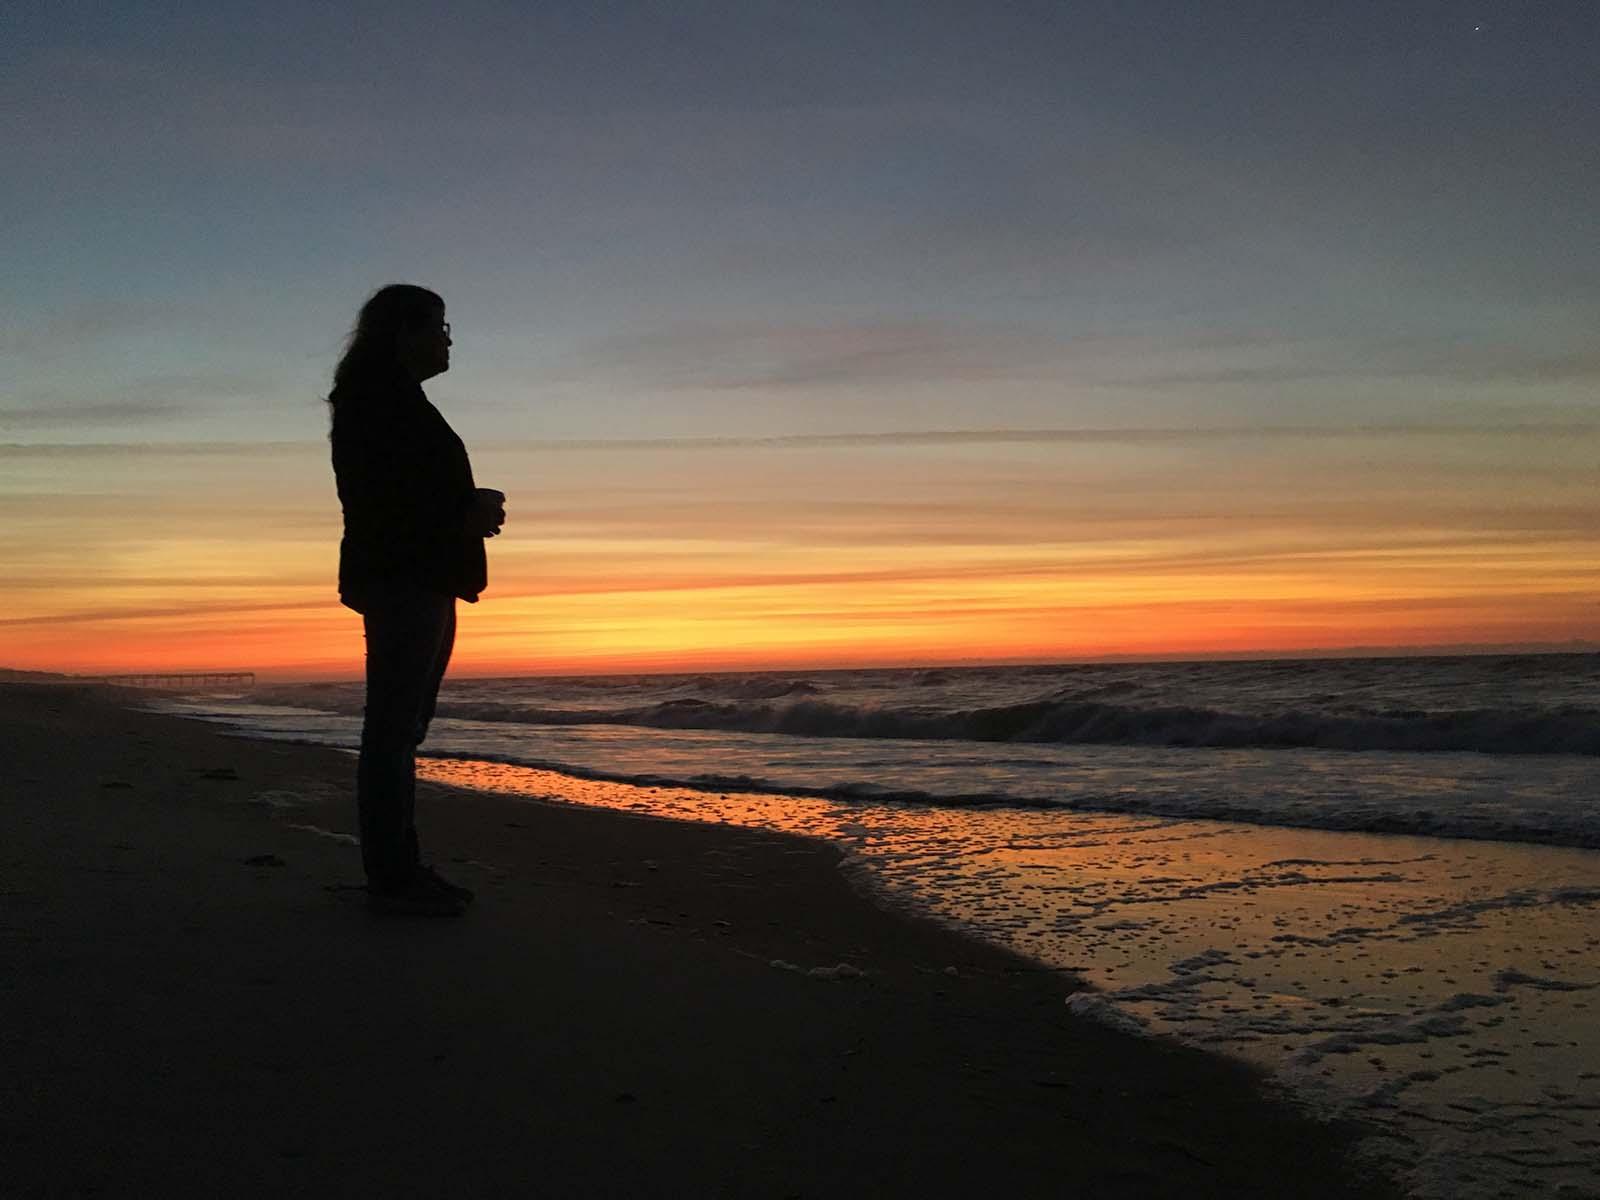 Girl at sunrise on the beach